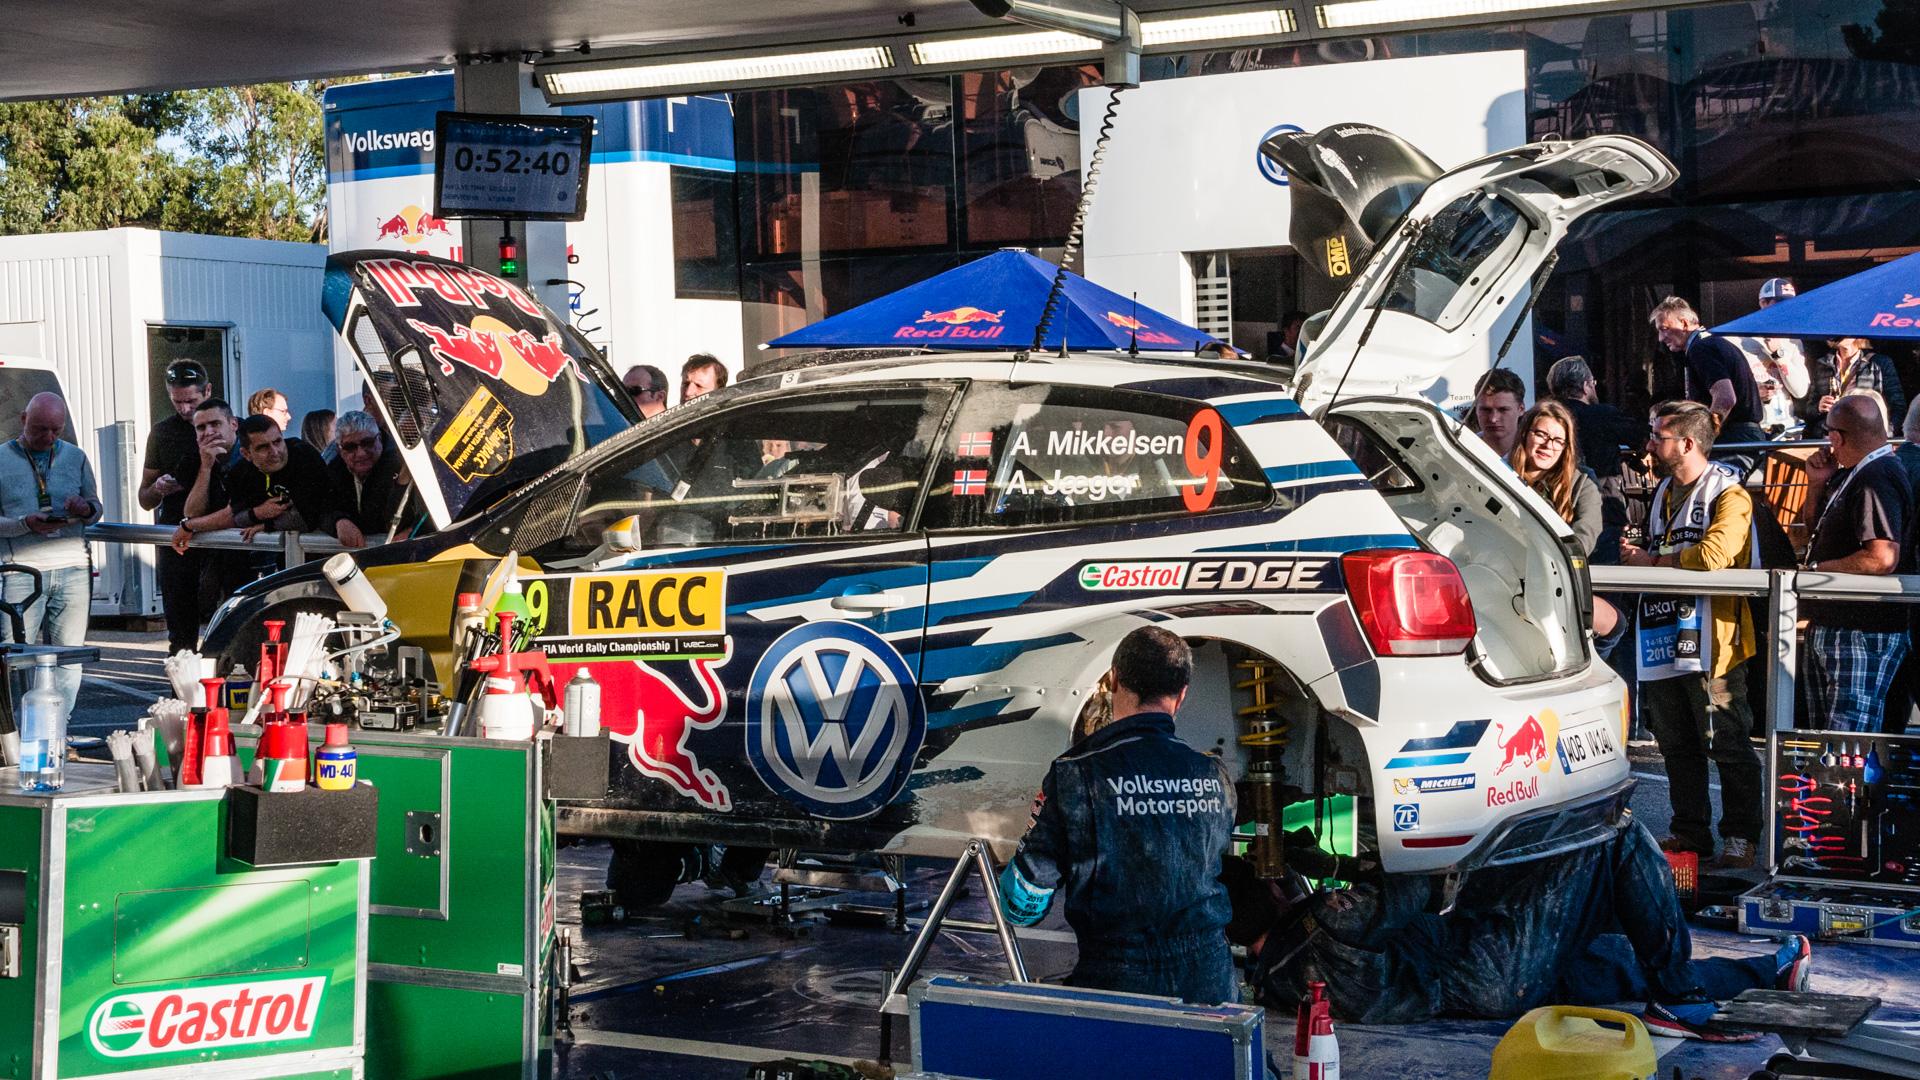 Как механики WRC собирают изодной раллийной машины другую за75 минут. Фото 14